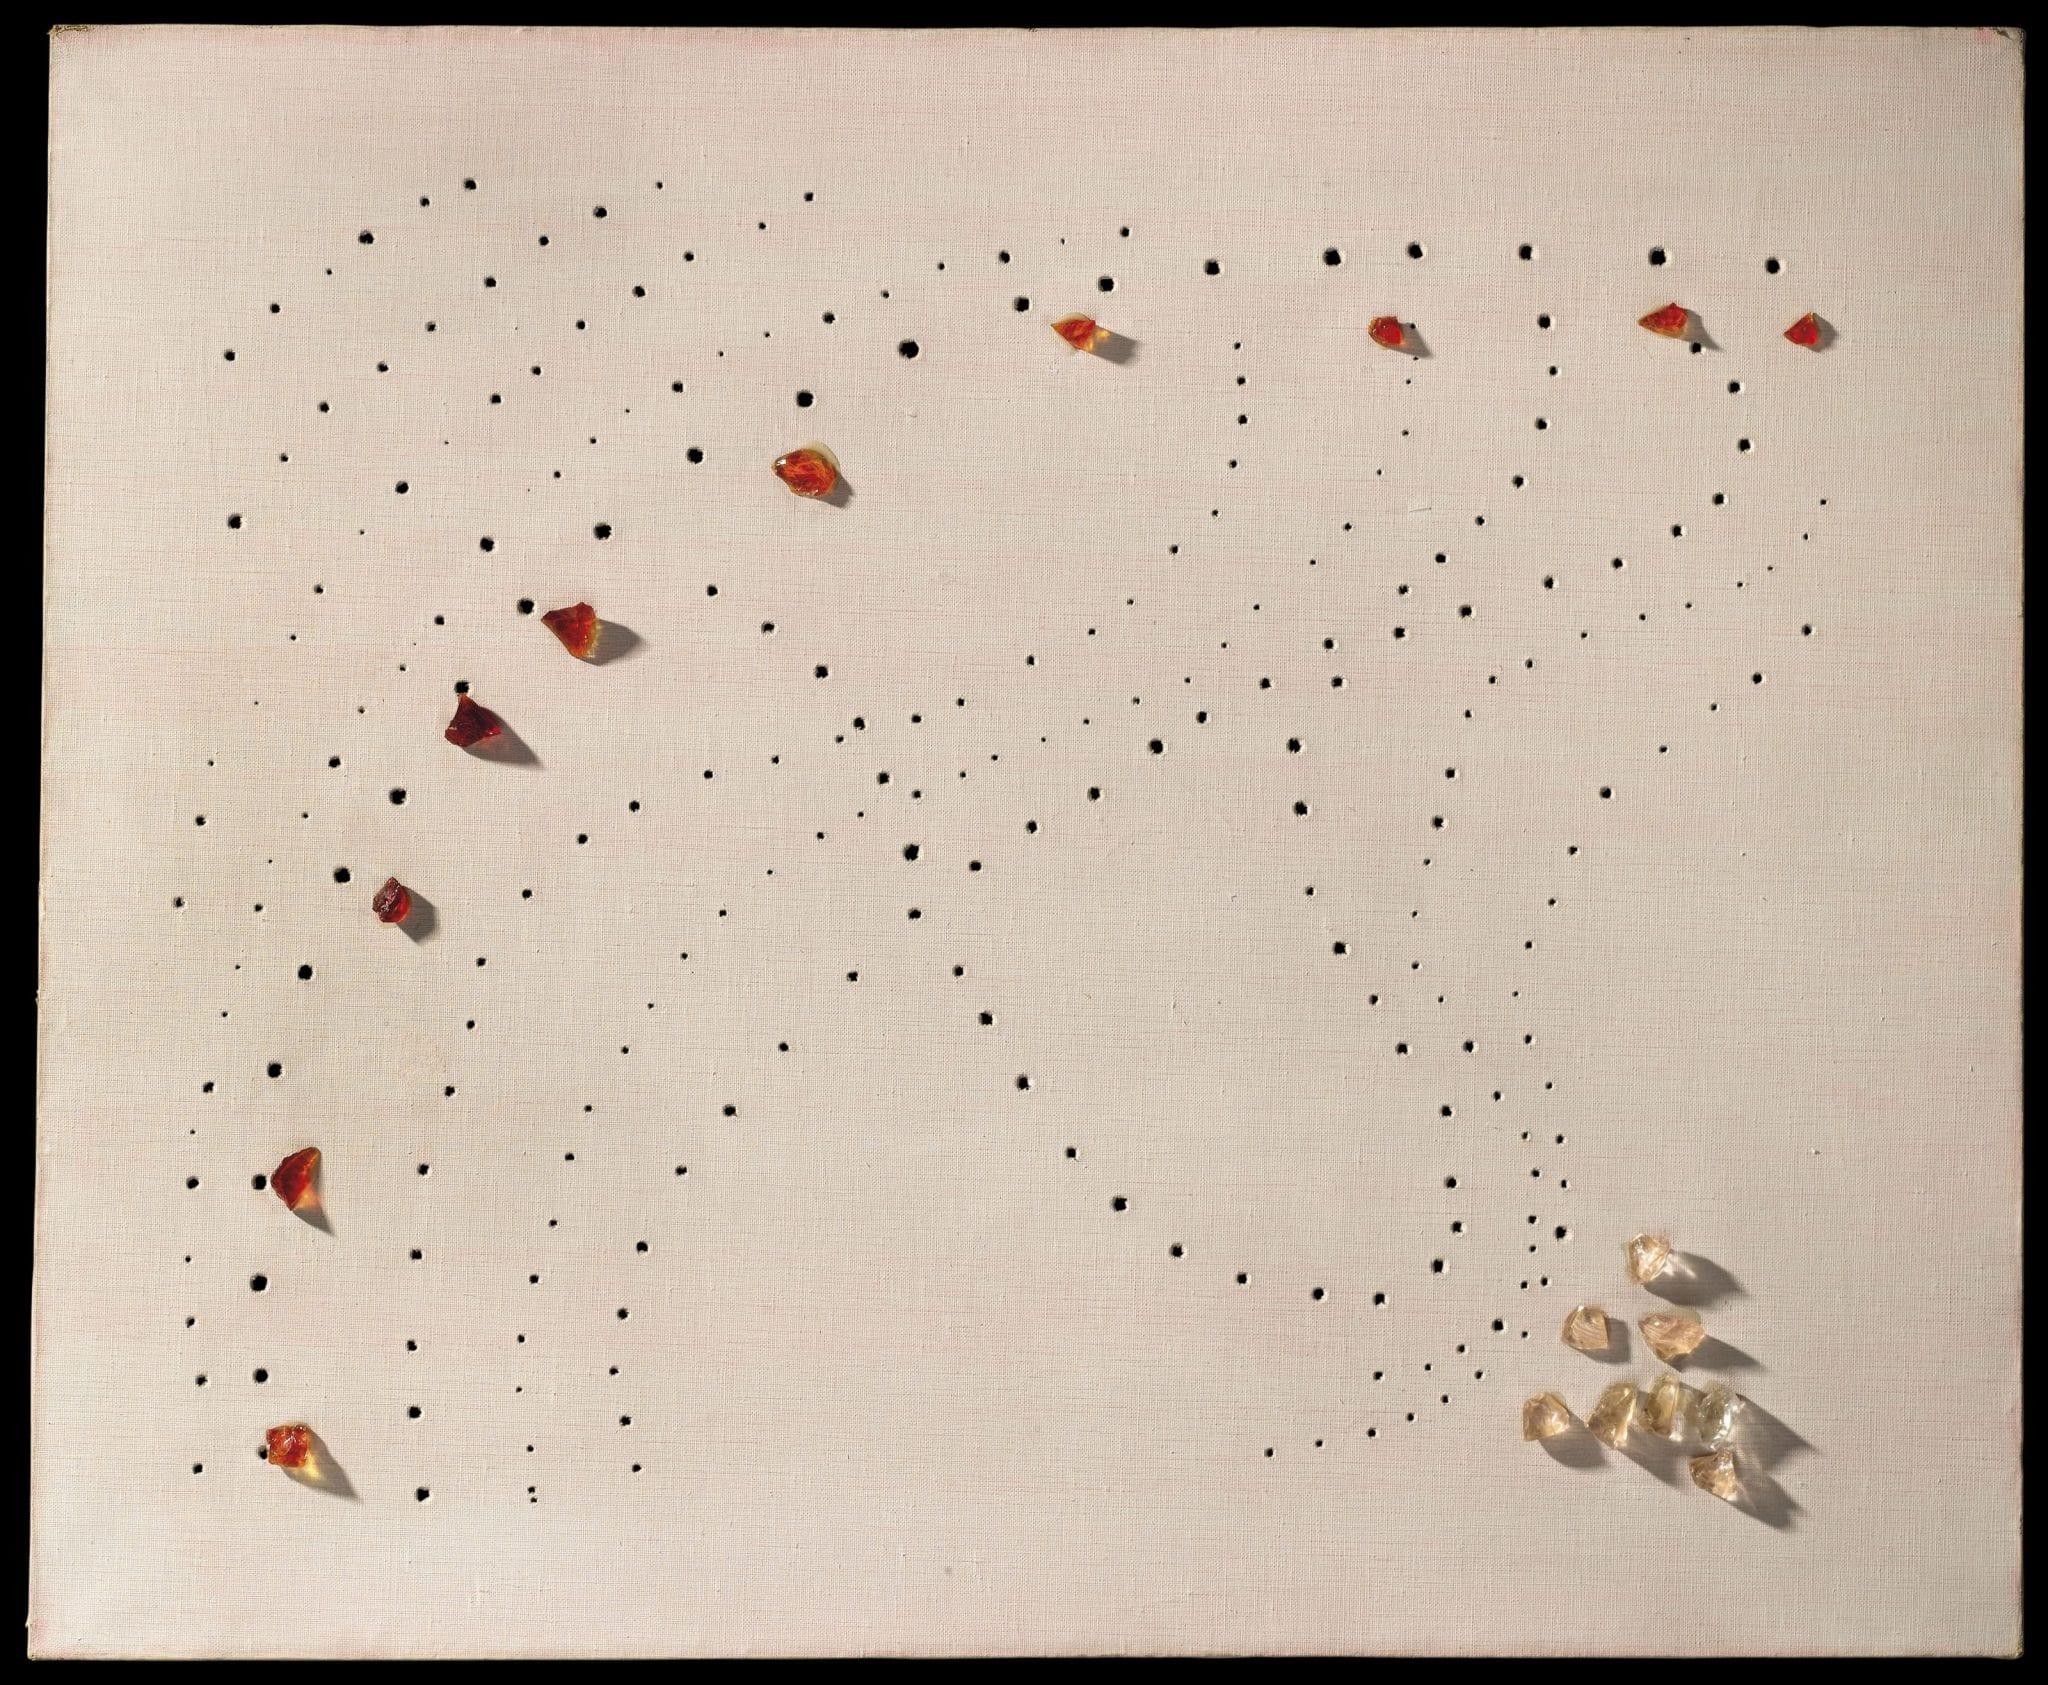 Lucio Fontana, l'artista spaziale e la fantasia